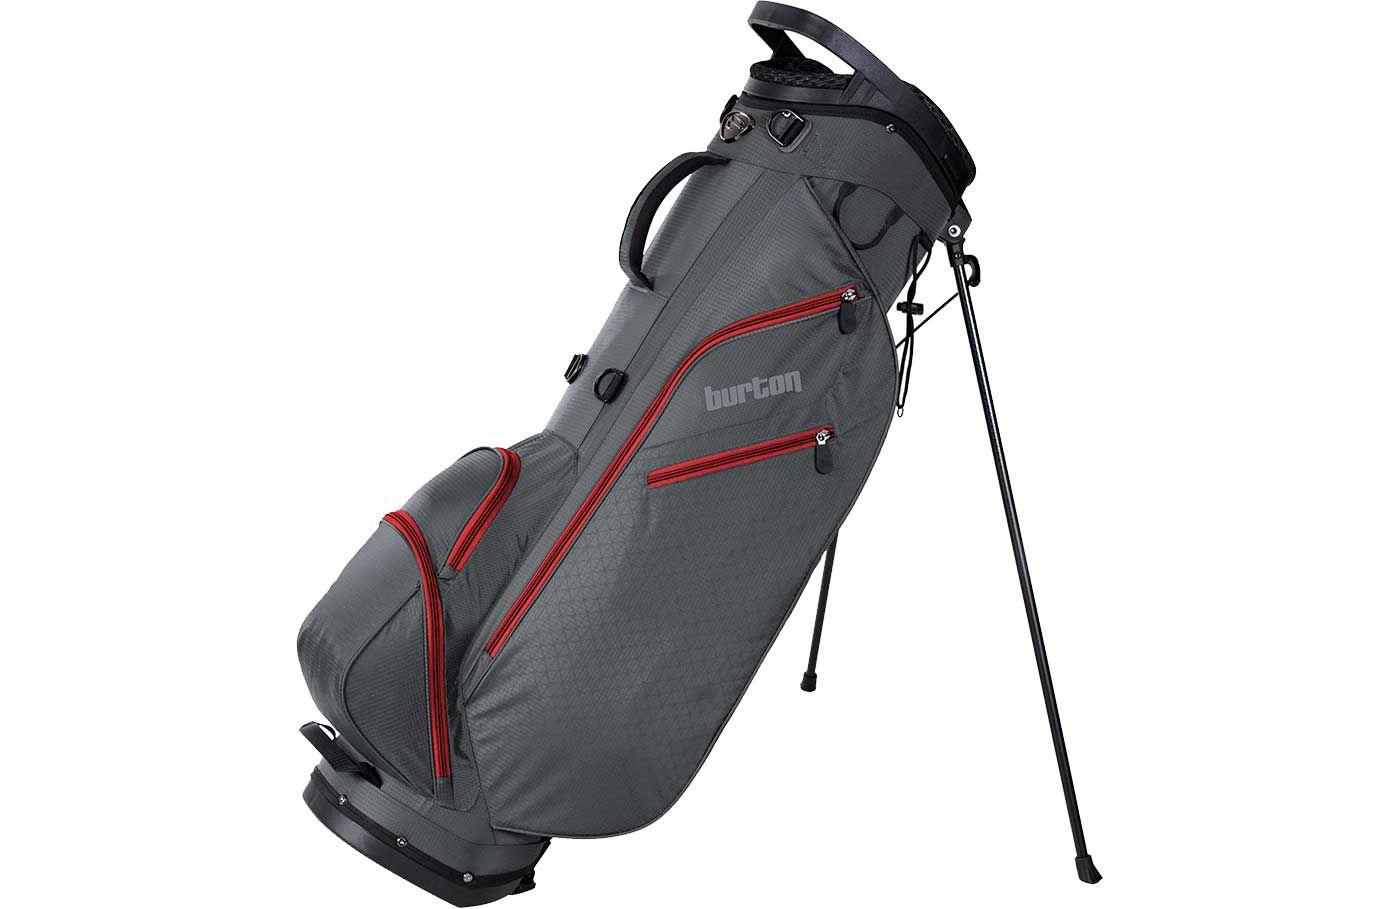 Burton ULT Stand Golf Bag